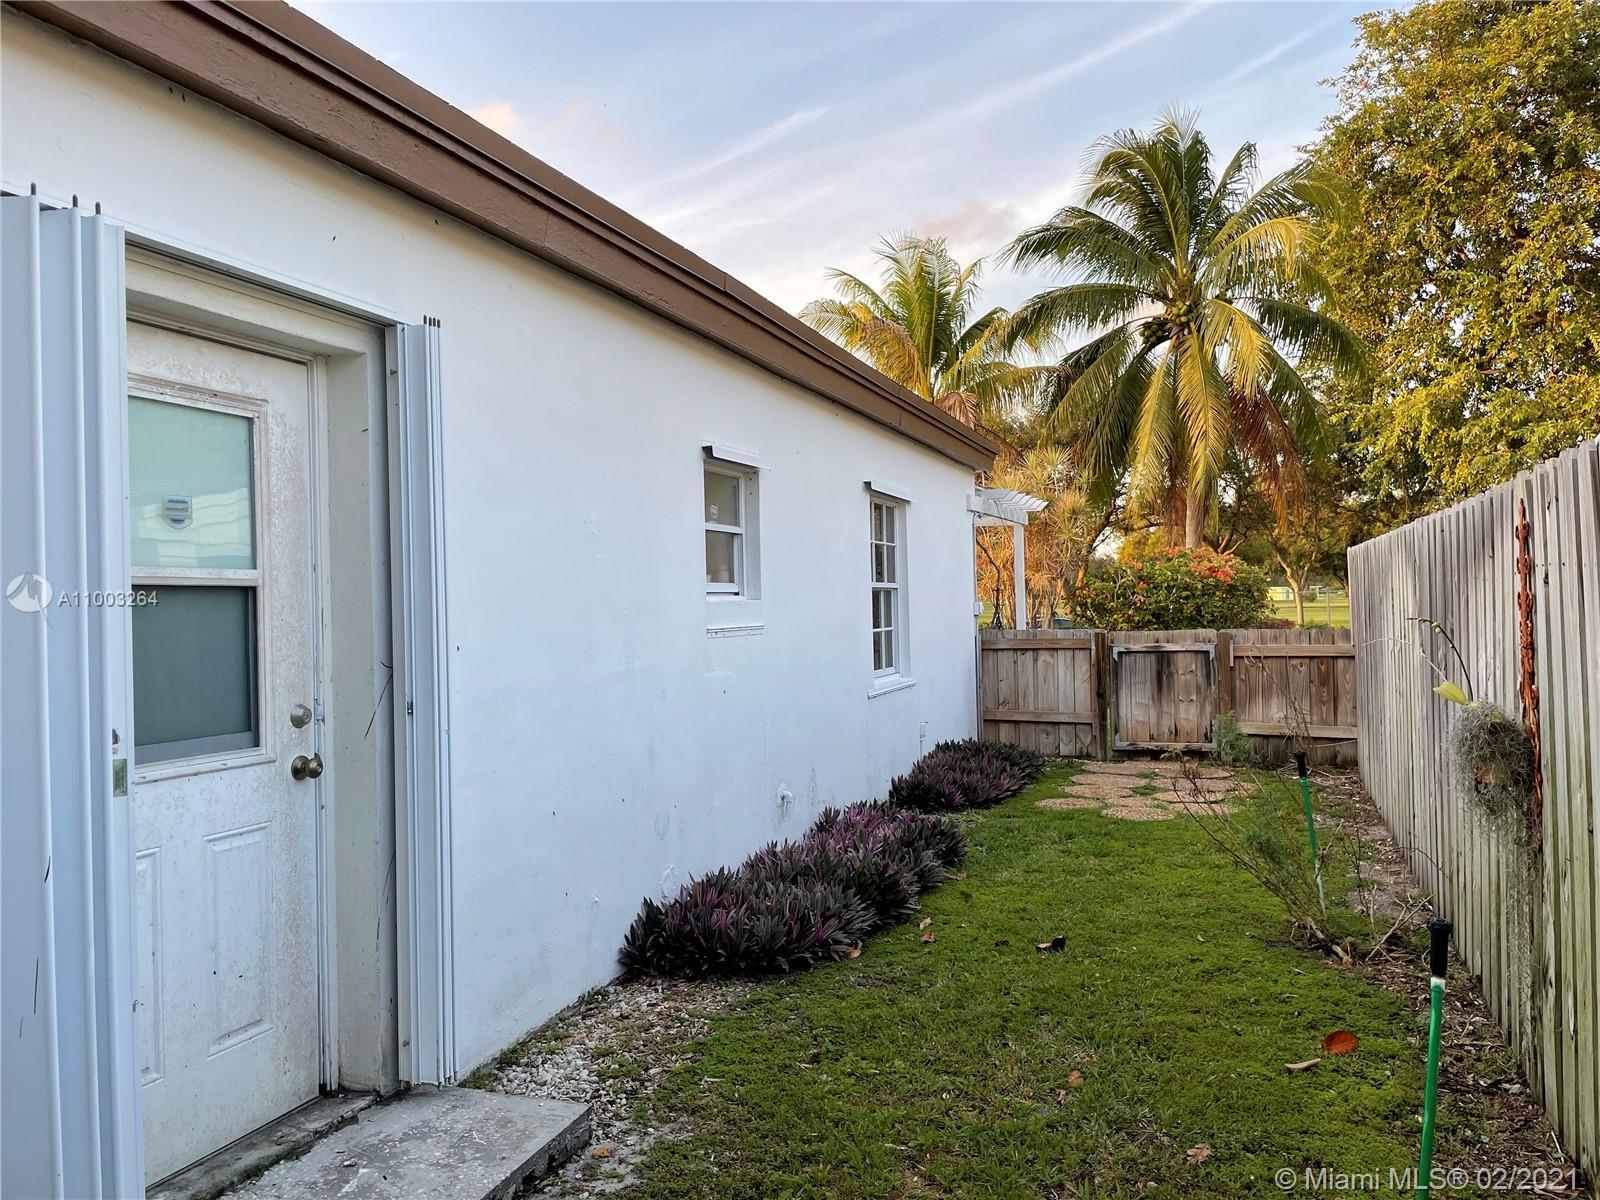 North Miami Beach # - 25 - photo